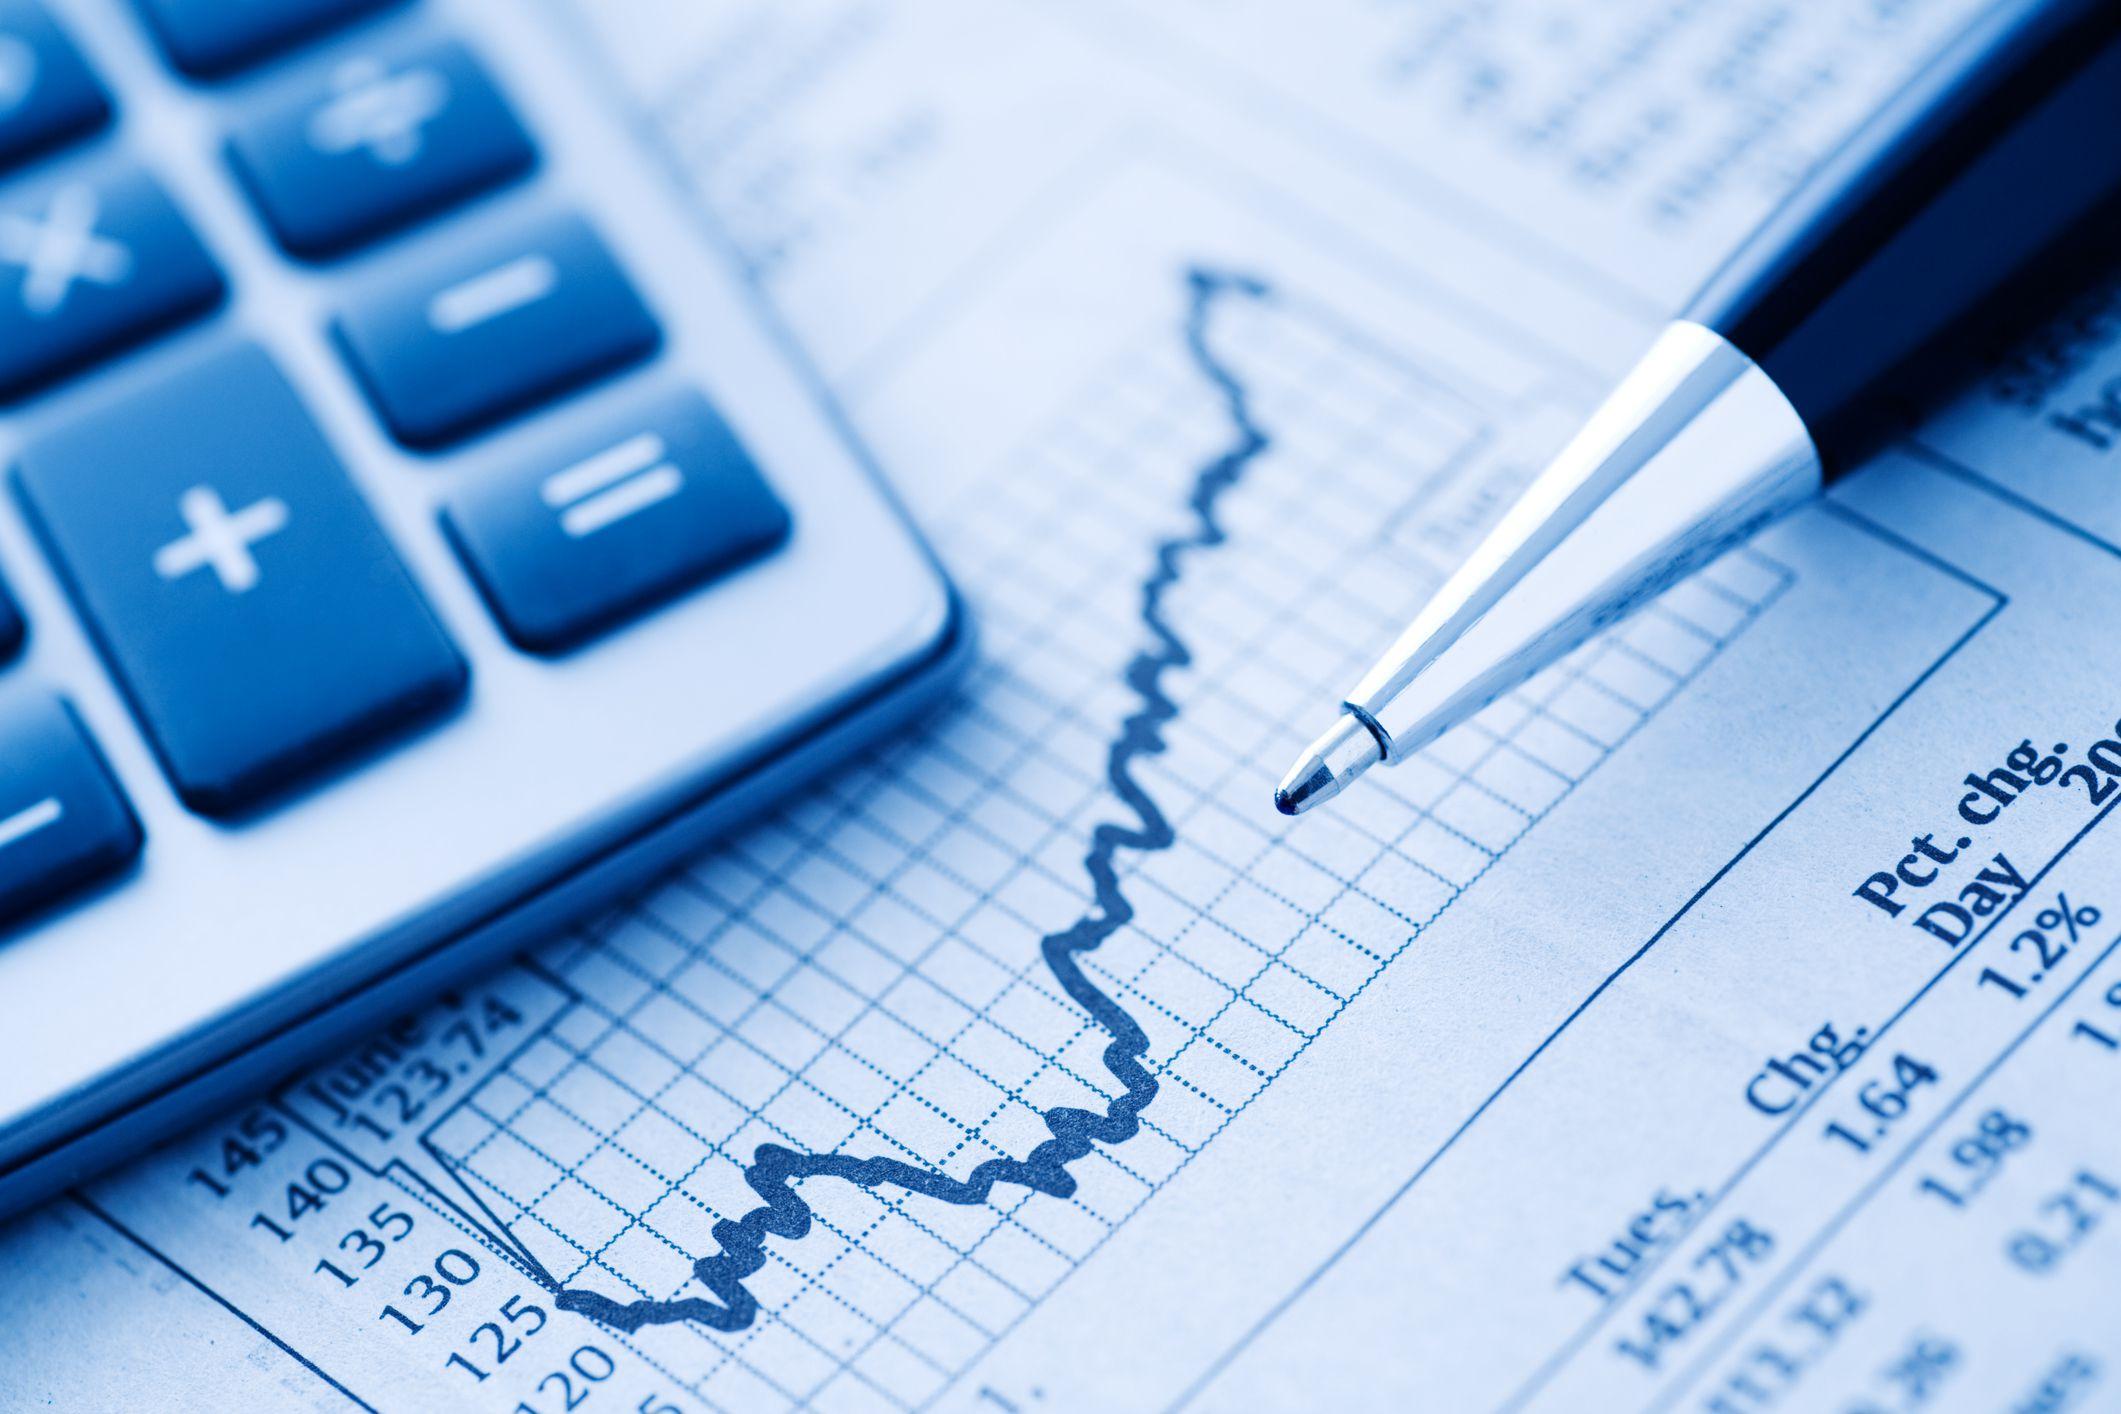 Risiko Berinvestasi di Reksa Dana Pasti Ada, Solusinya?